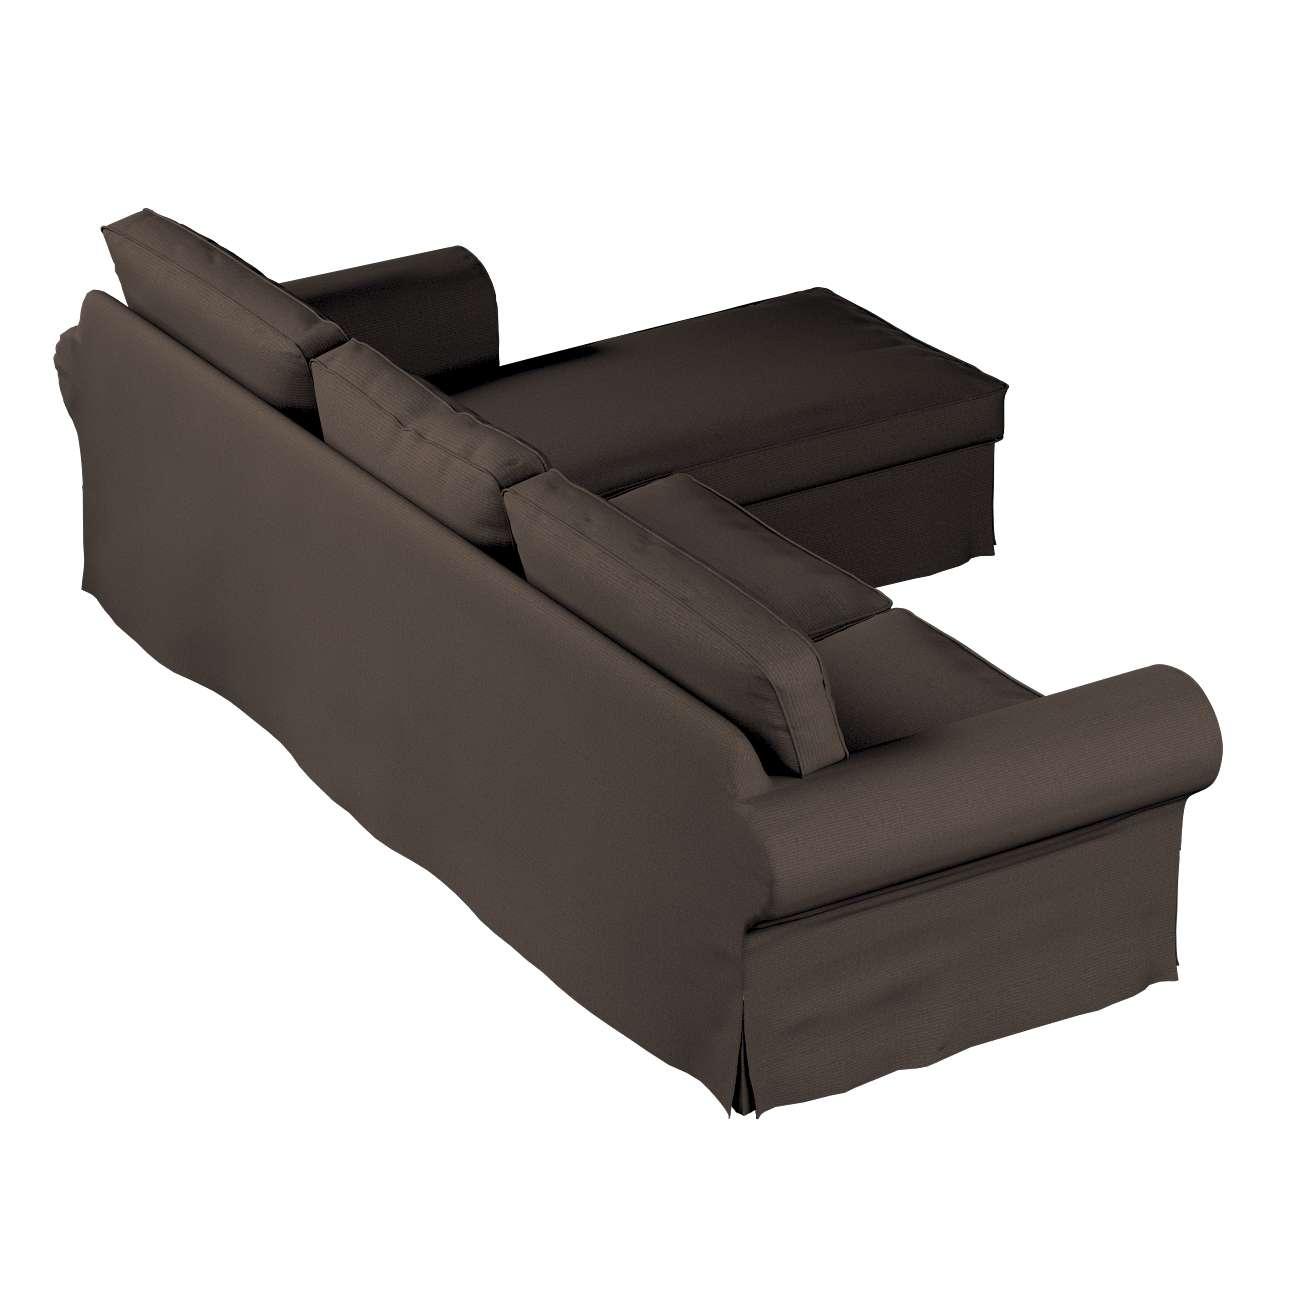 Ektorp dvivietės sofos su gulimuoju krėslu užvalkalas Ikea Ektorp dvivietės sofos su gulimuoju krėslu užvalkalas kolekcijoje Etna , audinys: 705-08